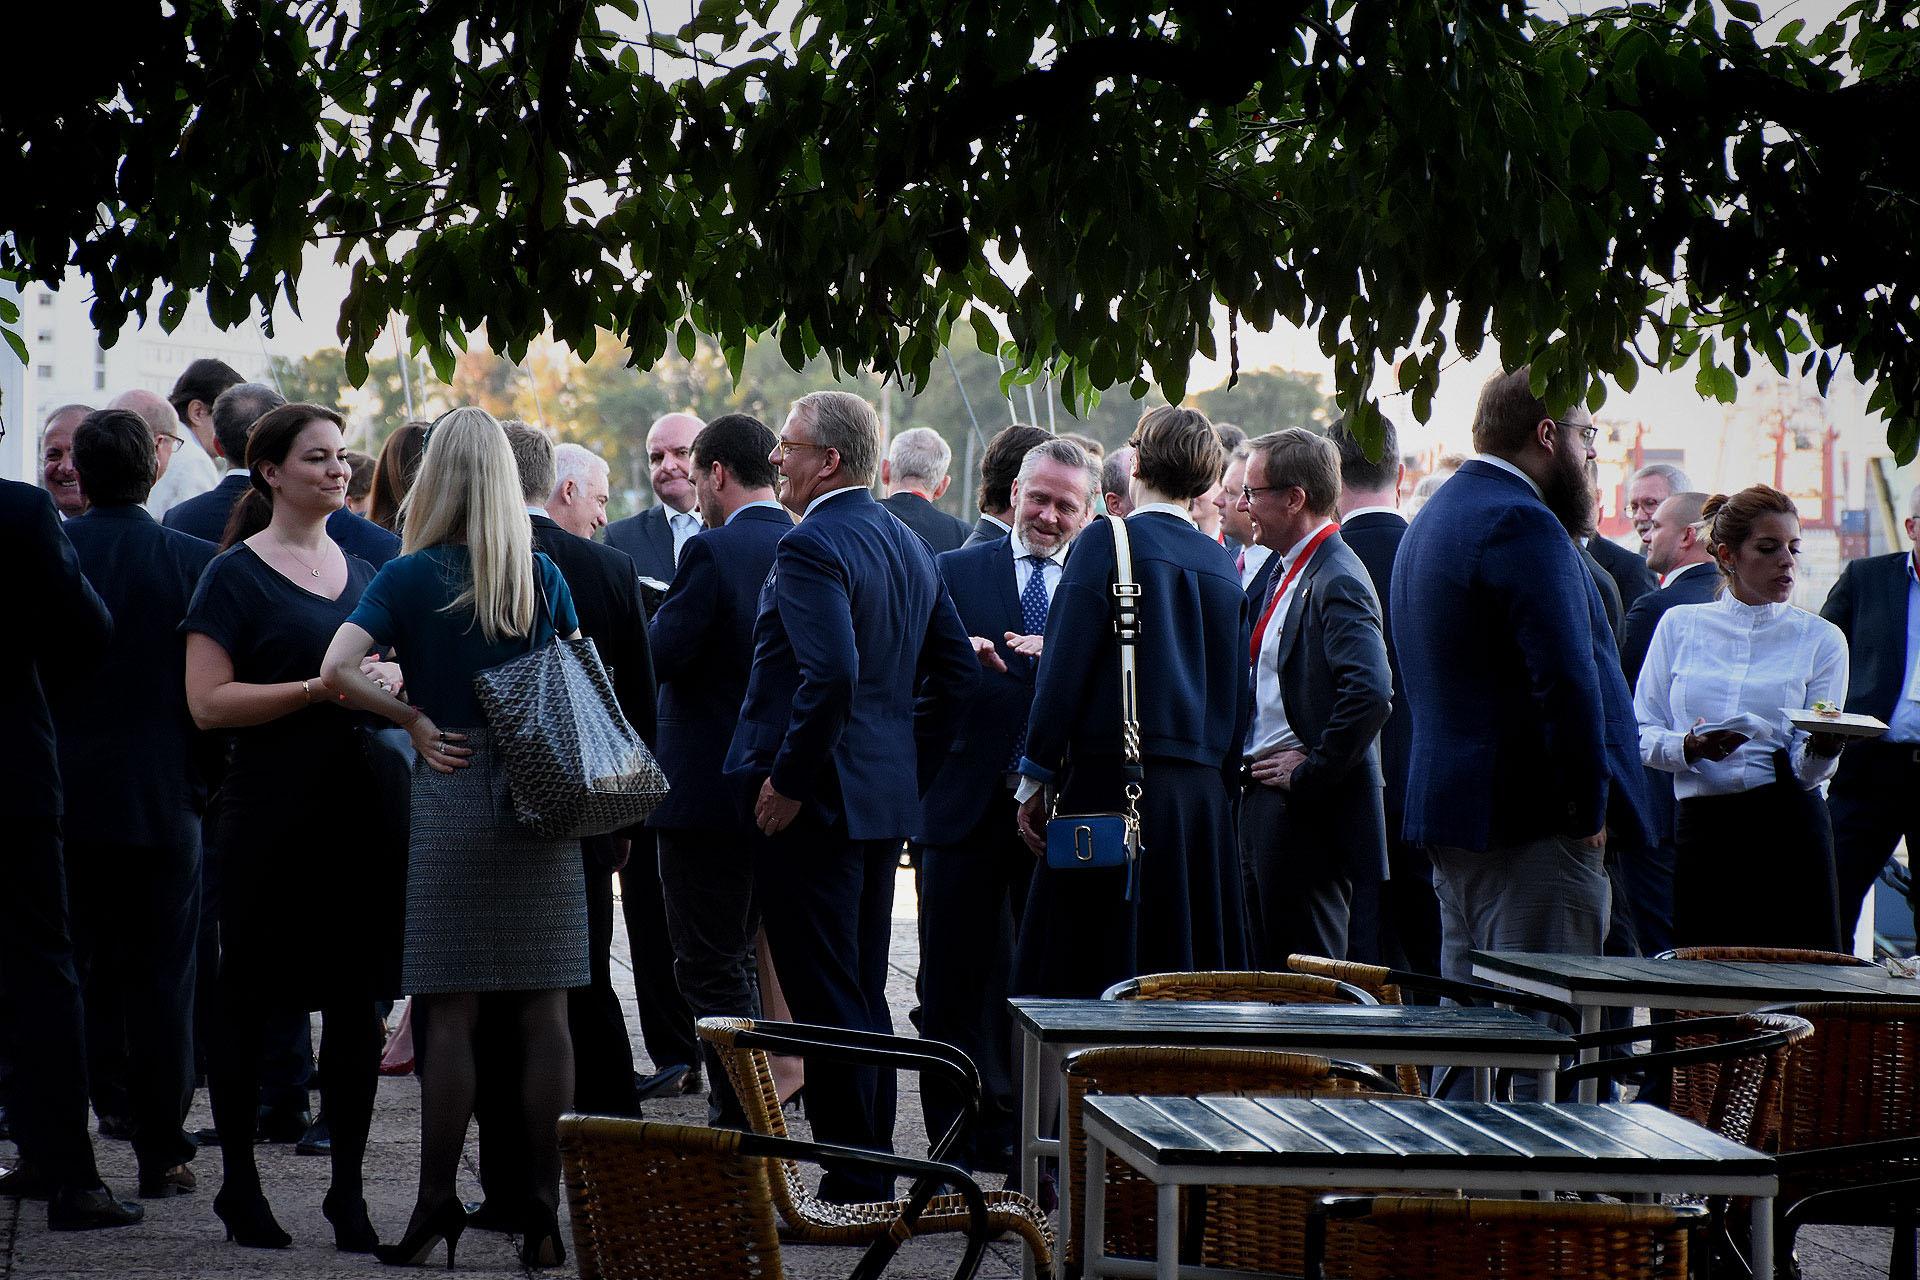 Acompañaron al evento a su majestad la Reina y su hijo el príncipe heredero una delegación de 30 empresas. Se trata de compañías líderes de los sectores de agronegocios (alimentos, maquinaria agrícola), energías renovables (agua, biogás, entre otras) y salud